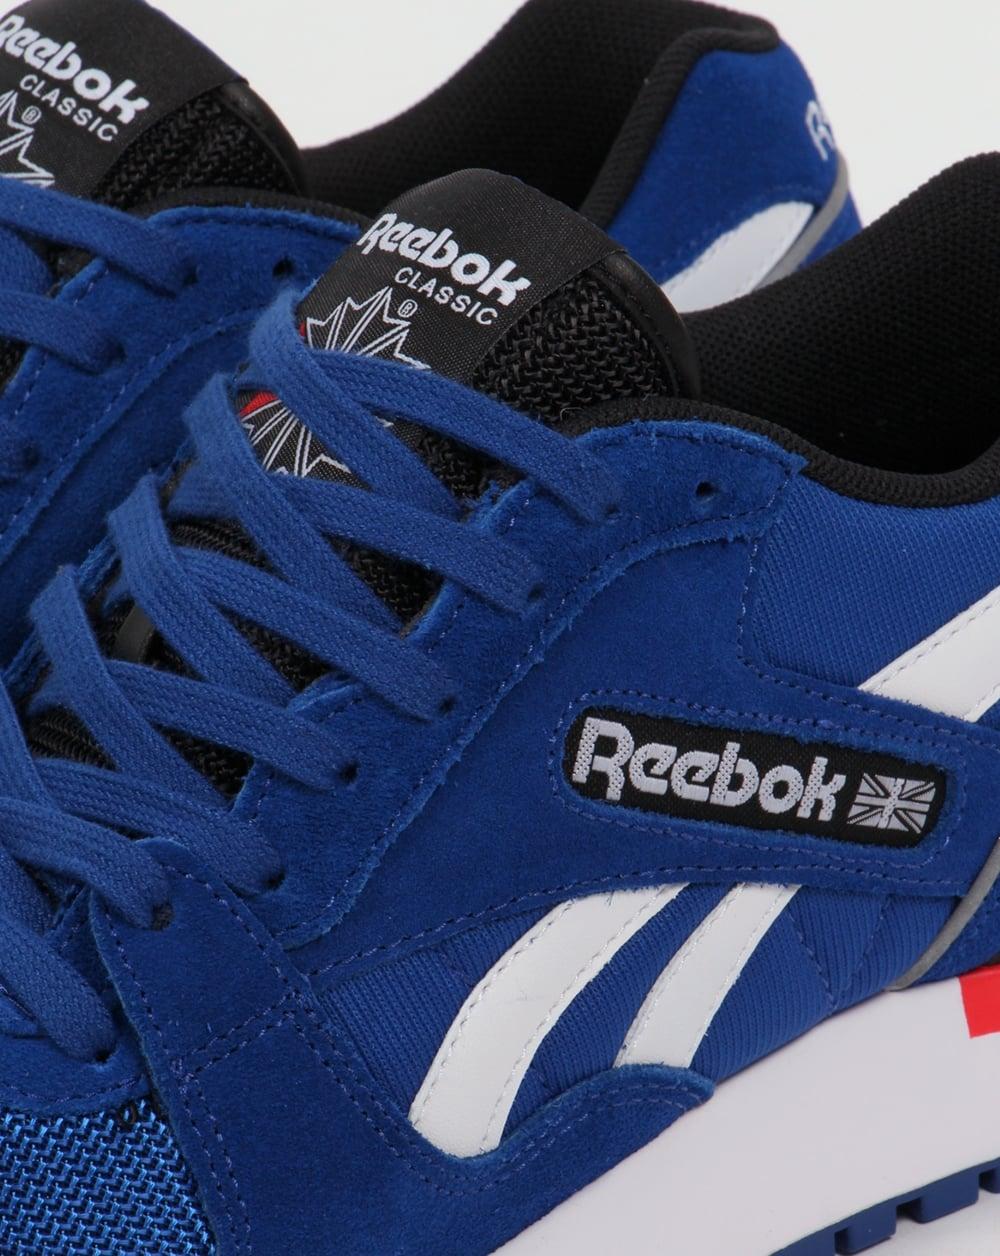 288ed5c1ee2 Reebok GL 6000 PP Trainers Dark Royal Red